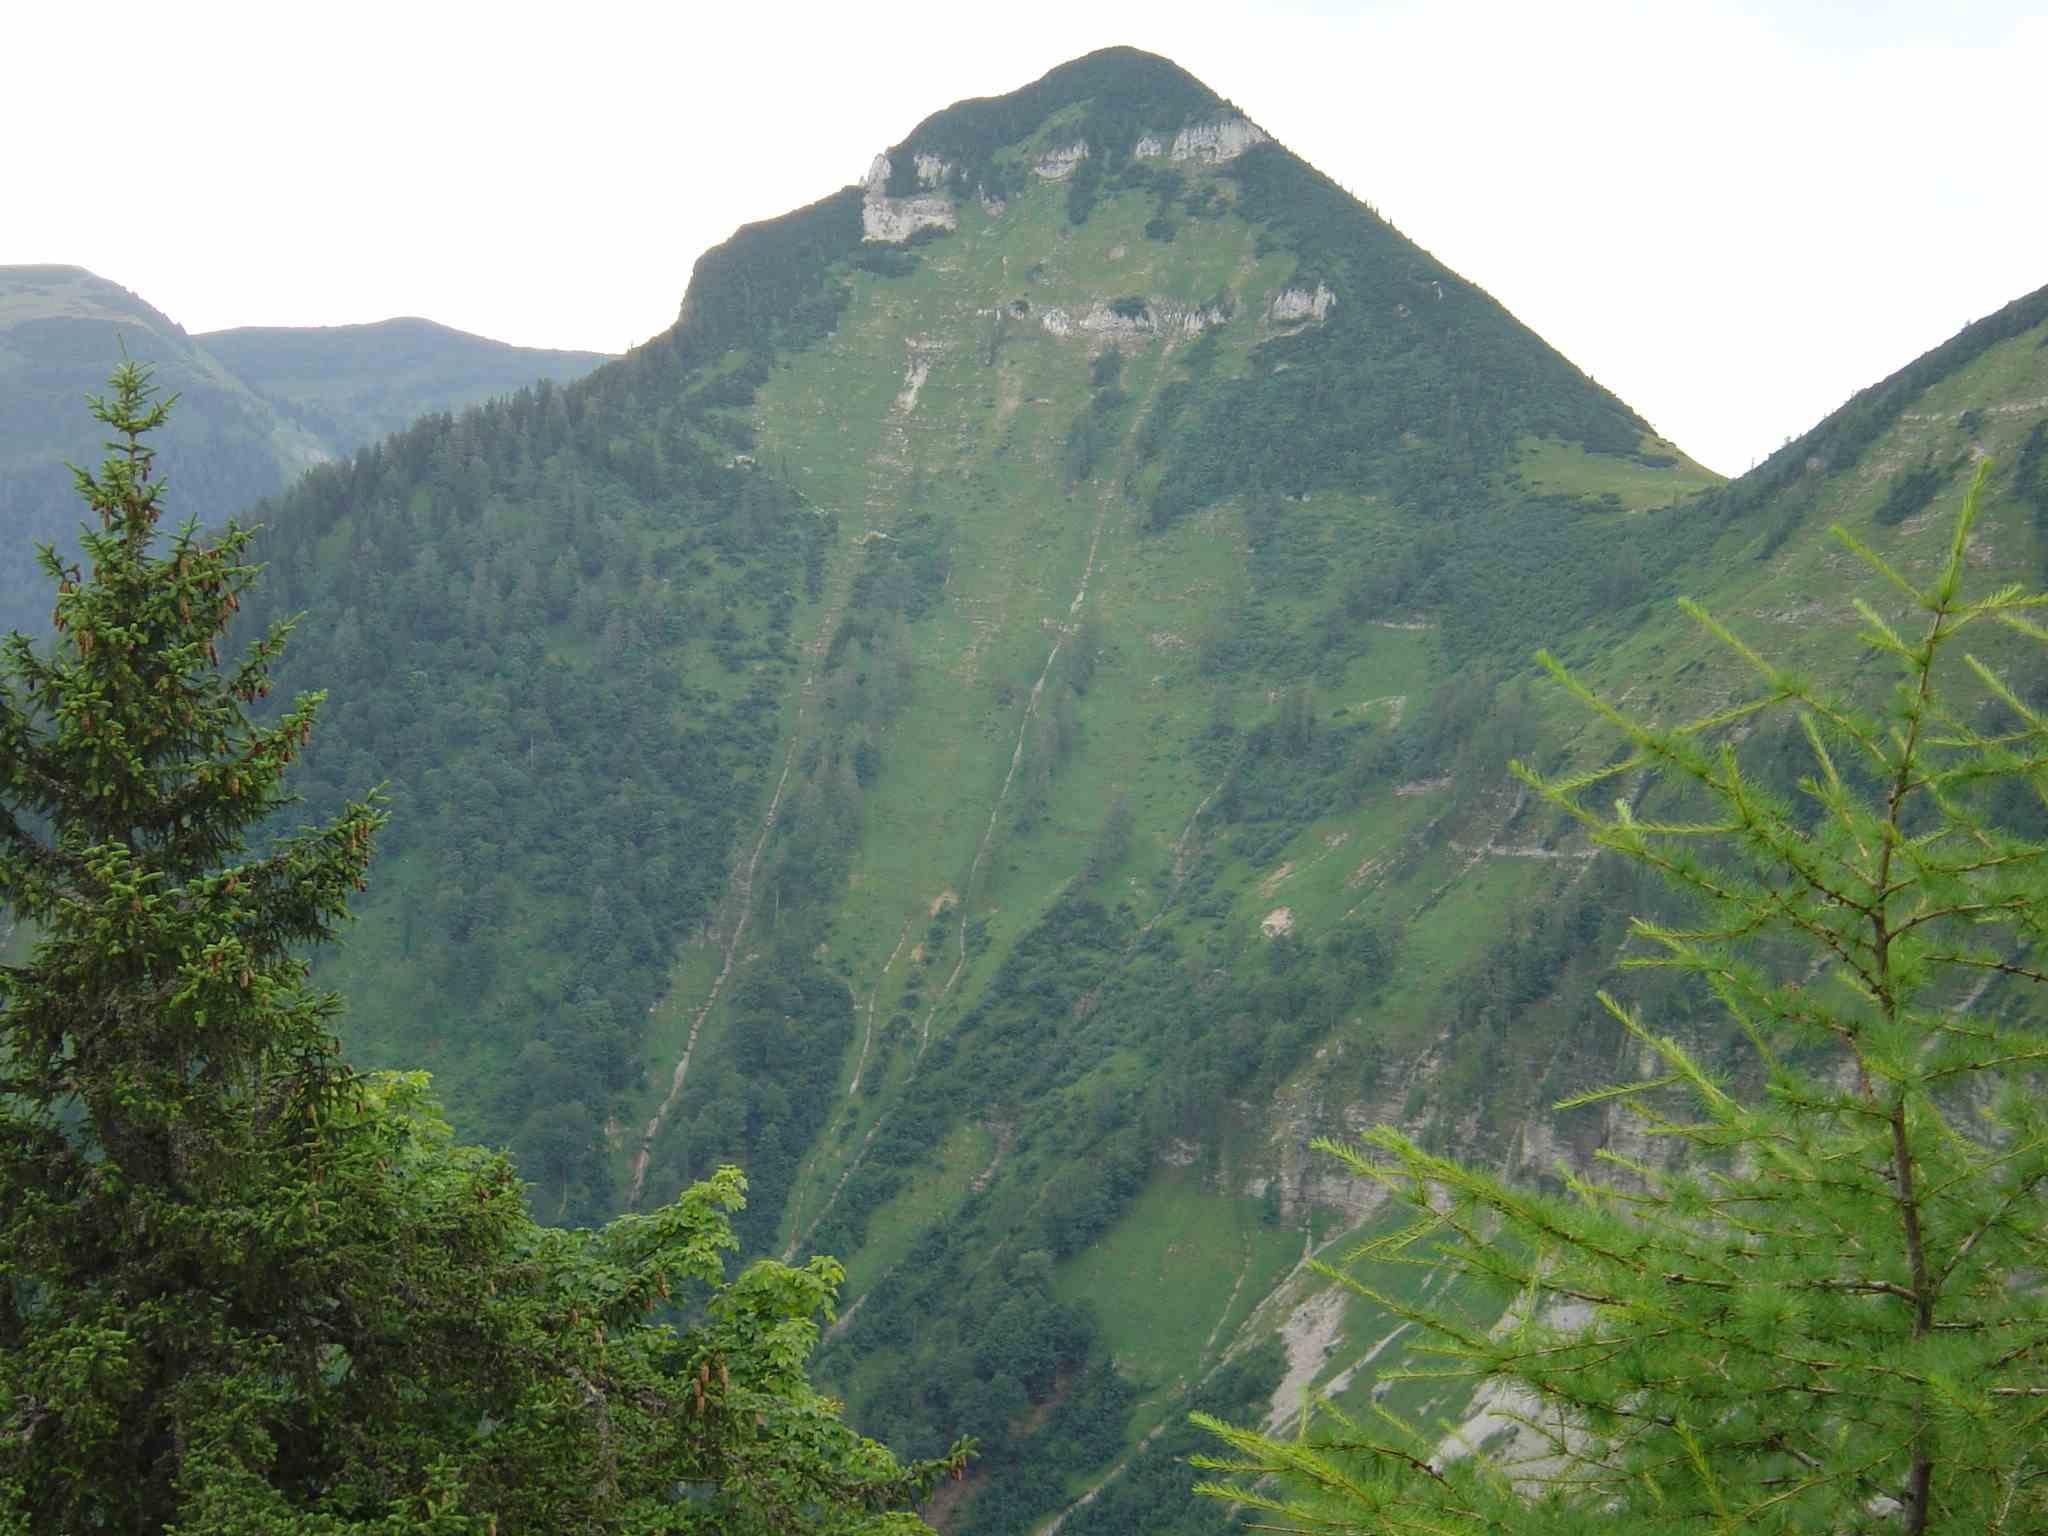 Foto: Manfred Karl / Wander Tour / Über den Nordostgrat auf den Regenspitz / Gennerhorn / 20.06.2007 18:23:36